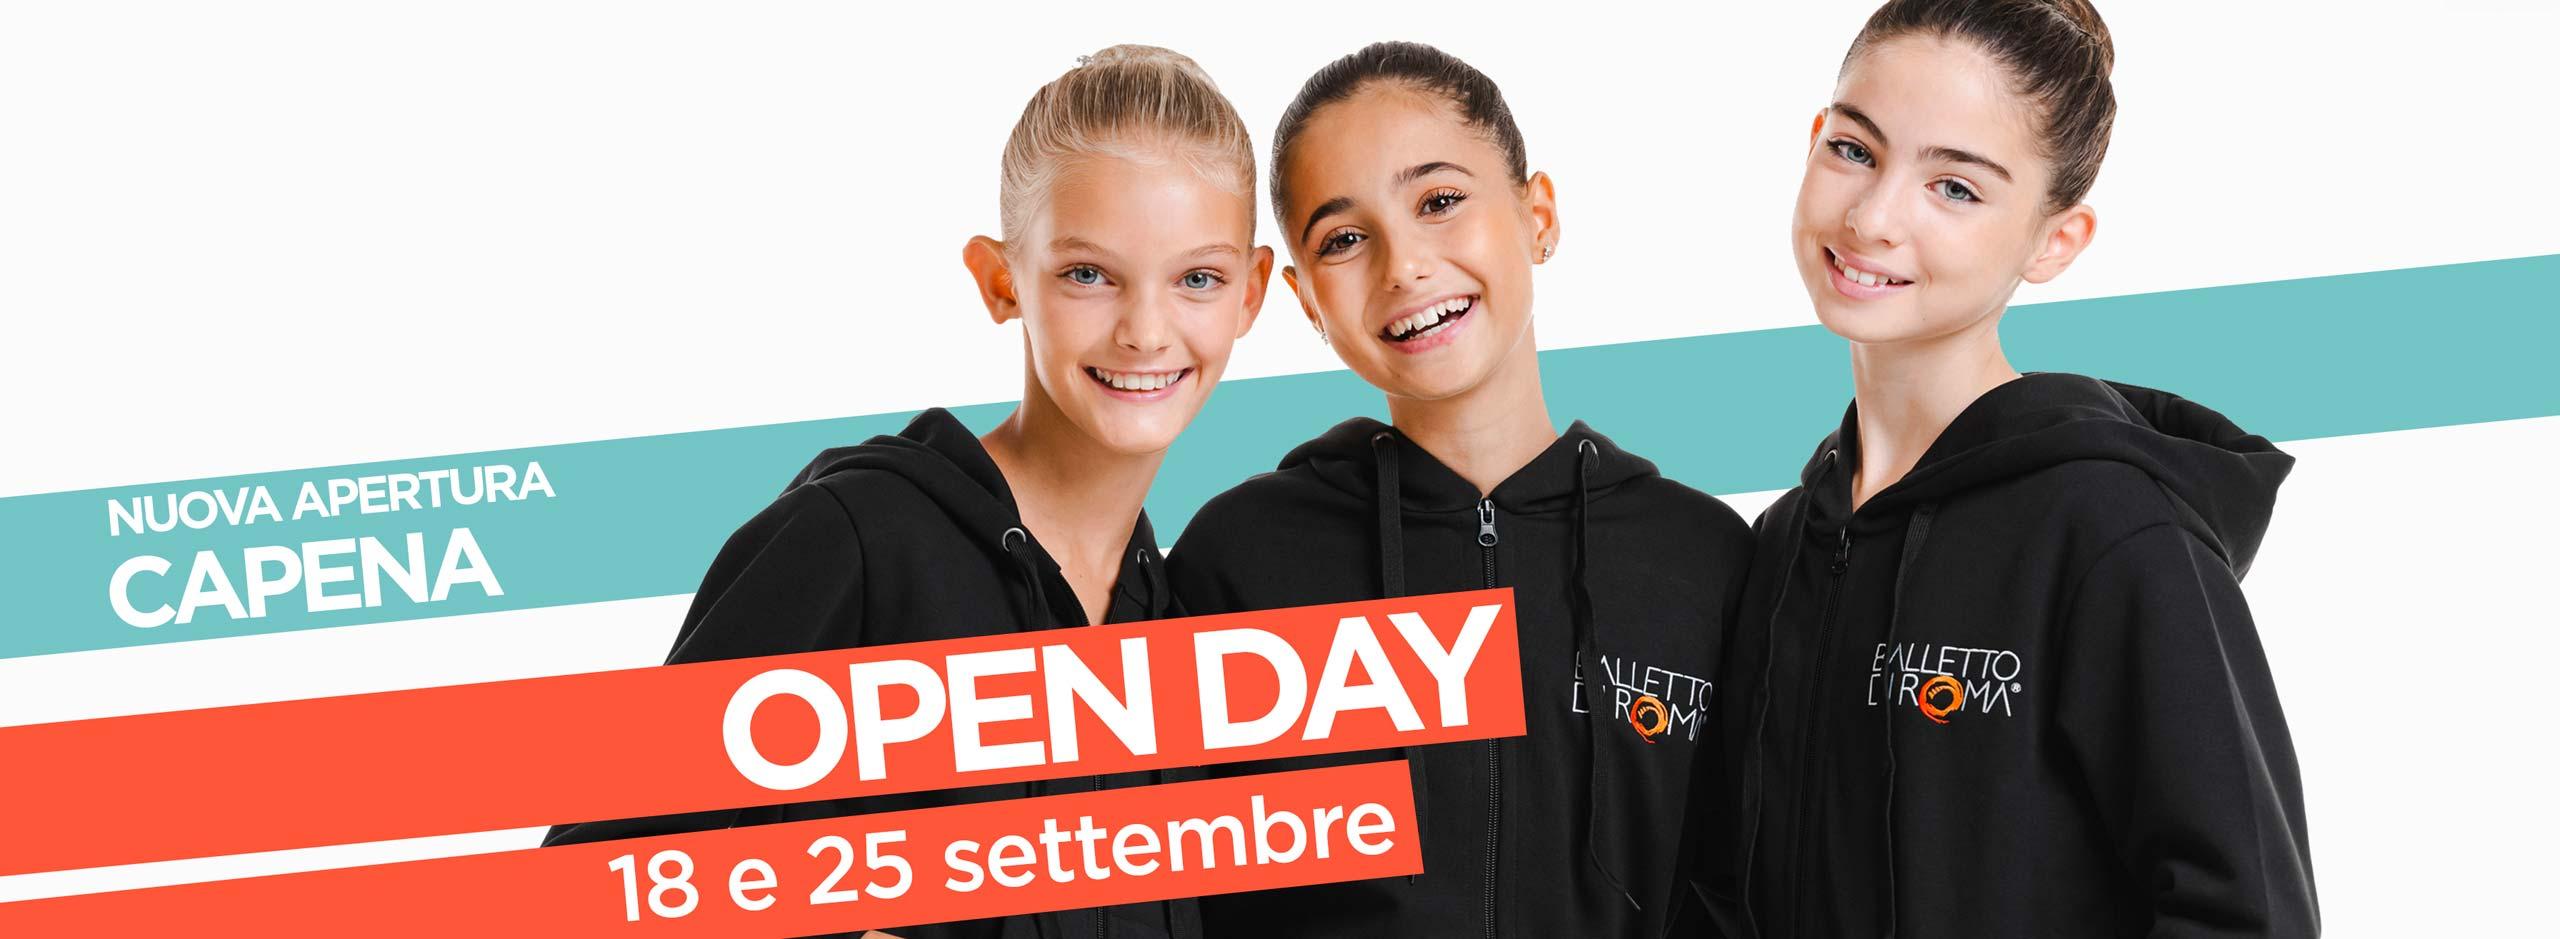 Balletto di Roma Kids   Capena